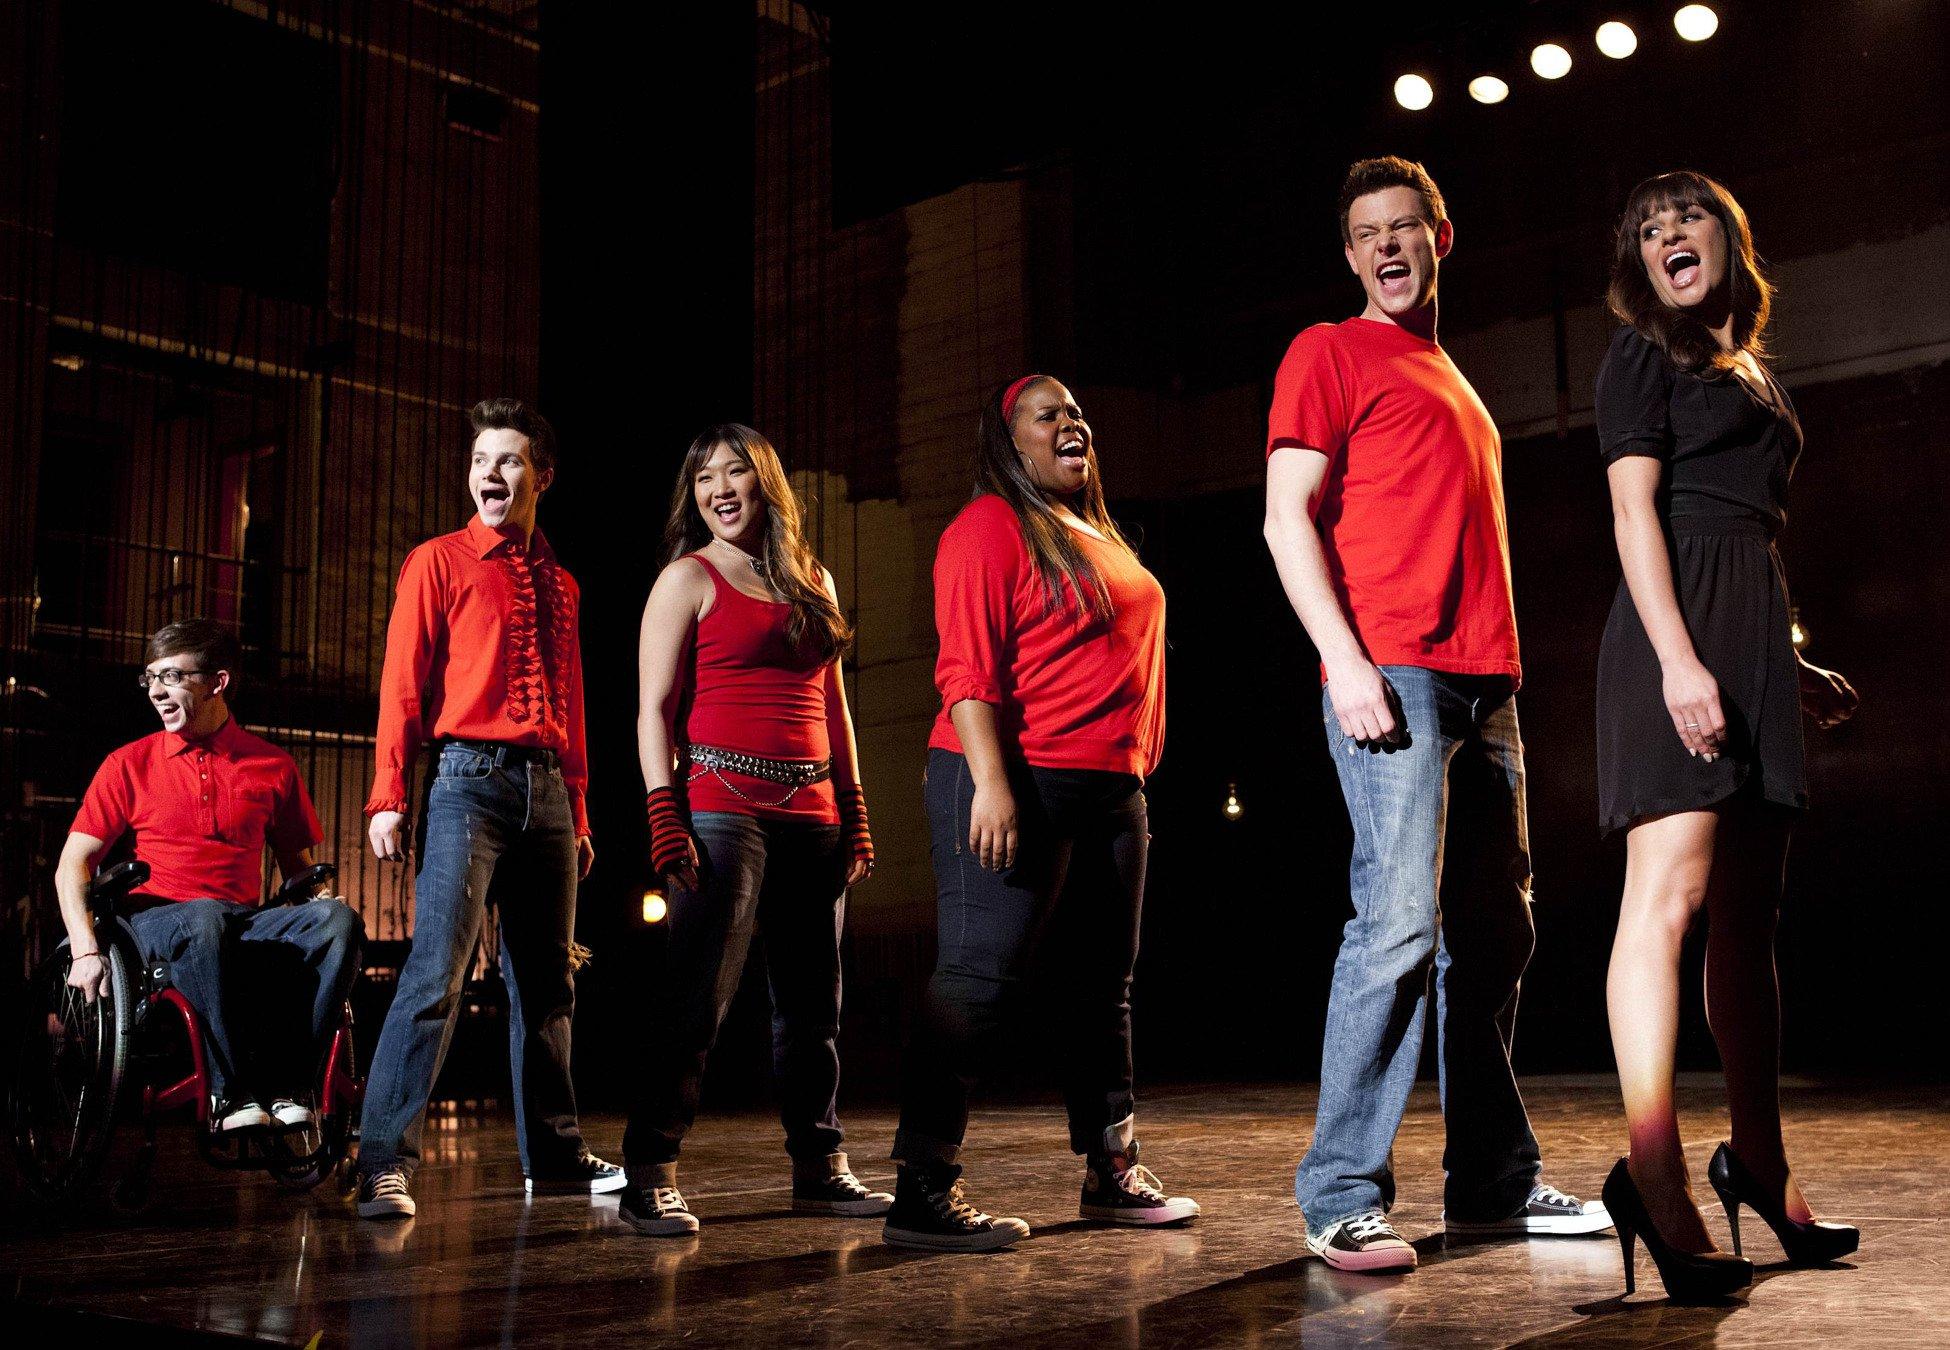 Elenco da série se apresentando em um palco.